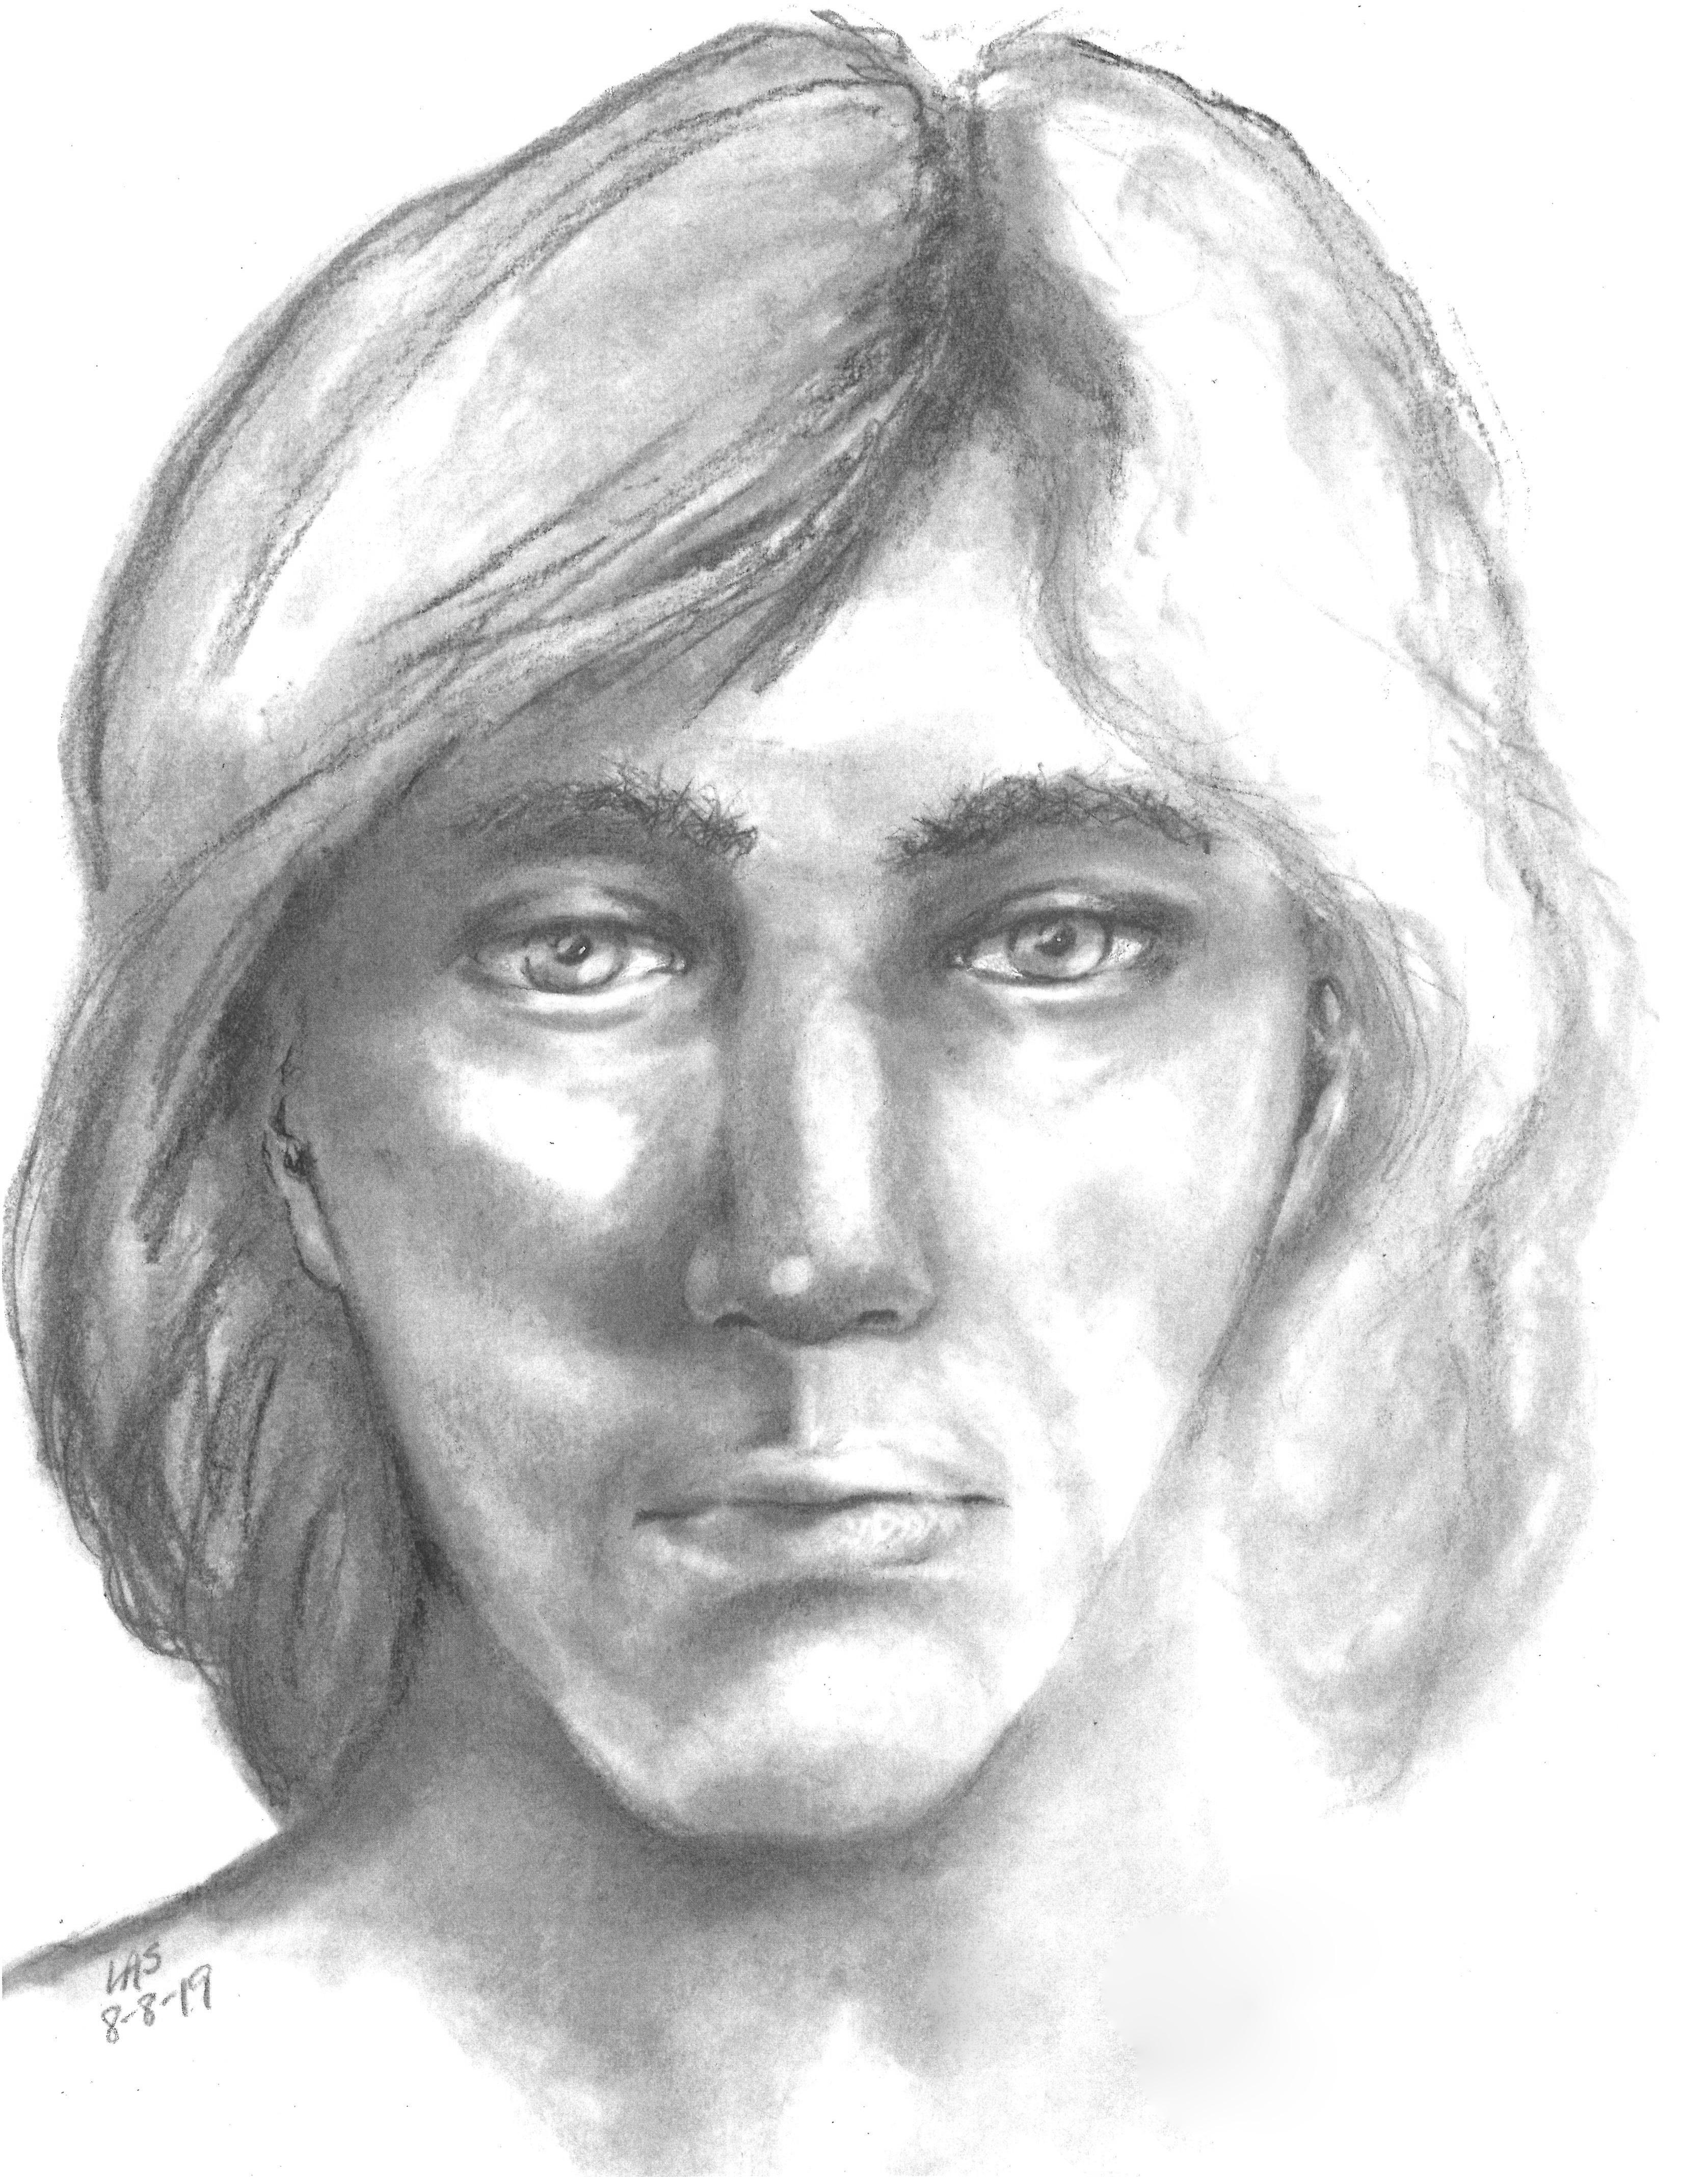 Atoka John Doe